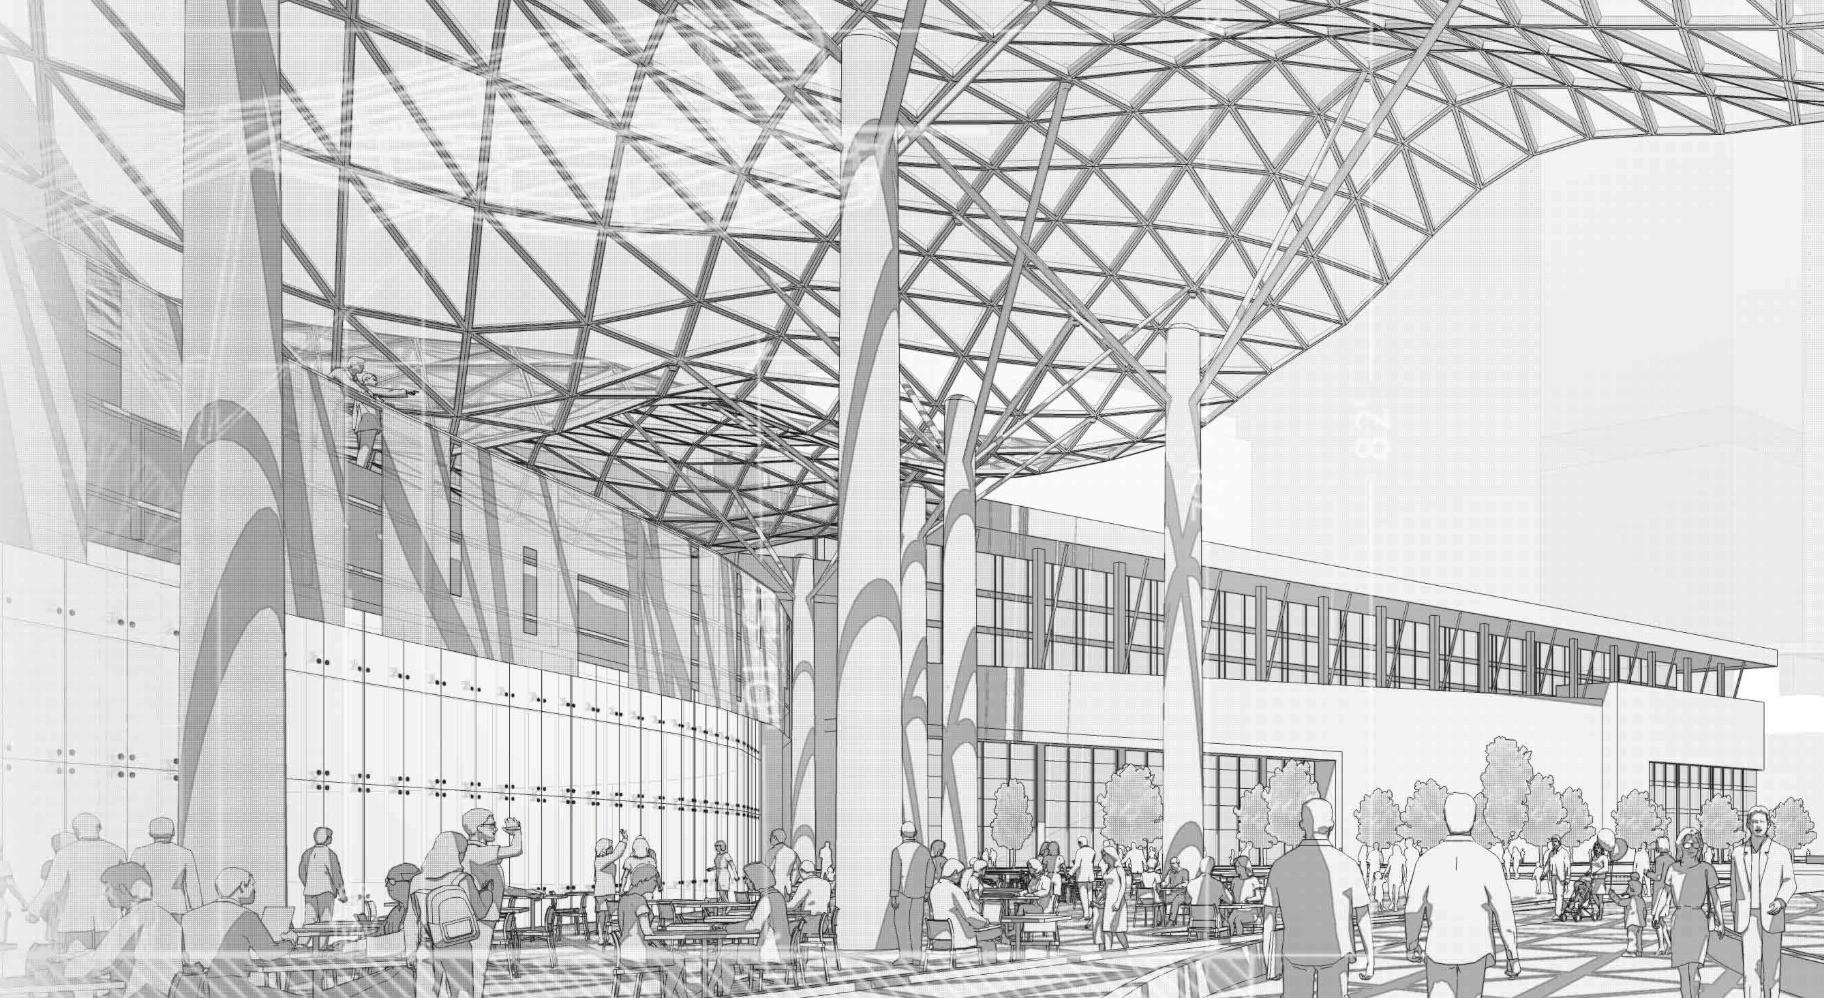 Tutoriales de software de Arquitectura: ¿Cúales son los mejores?